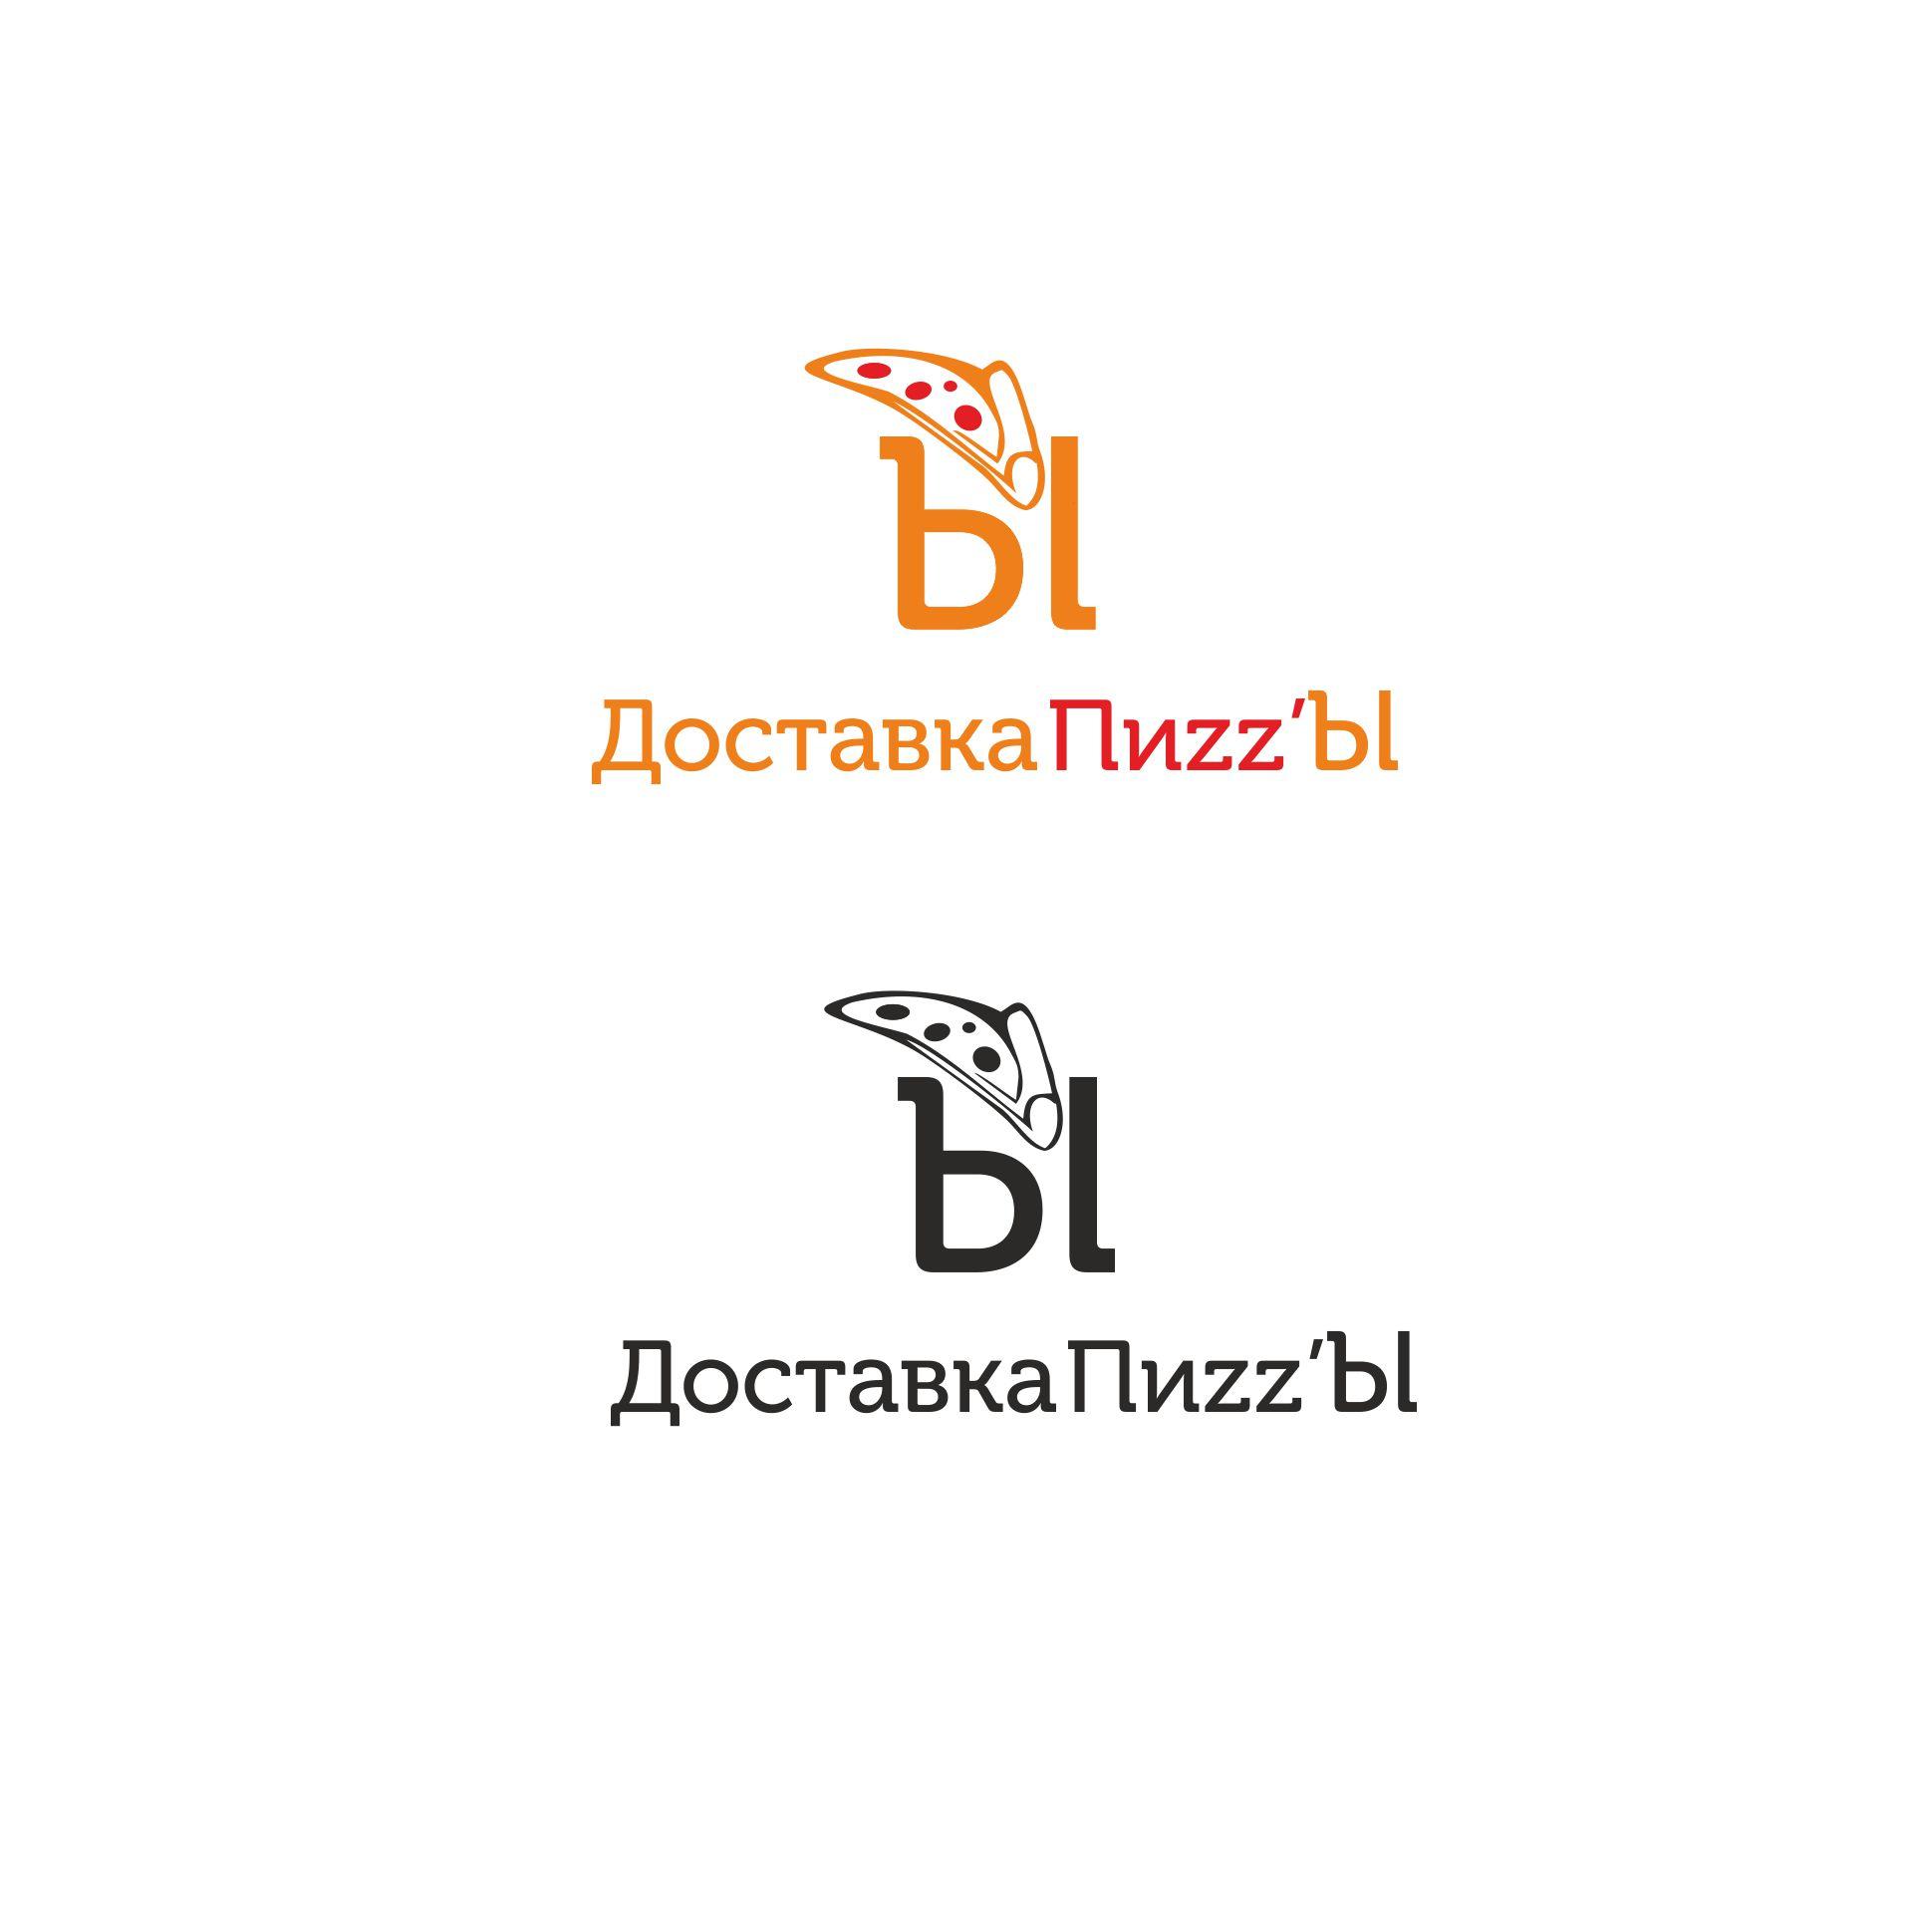 Разыскивается дизайнер для разработки лого службы доставки фото f_9025c348e9f8f0ef.jpg